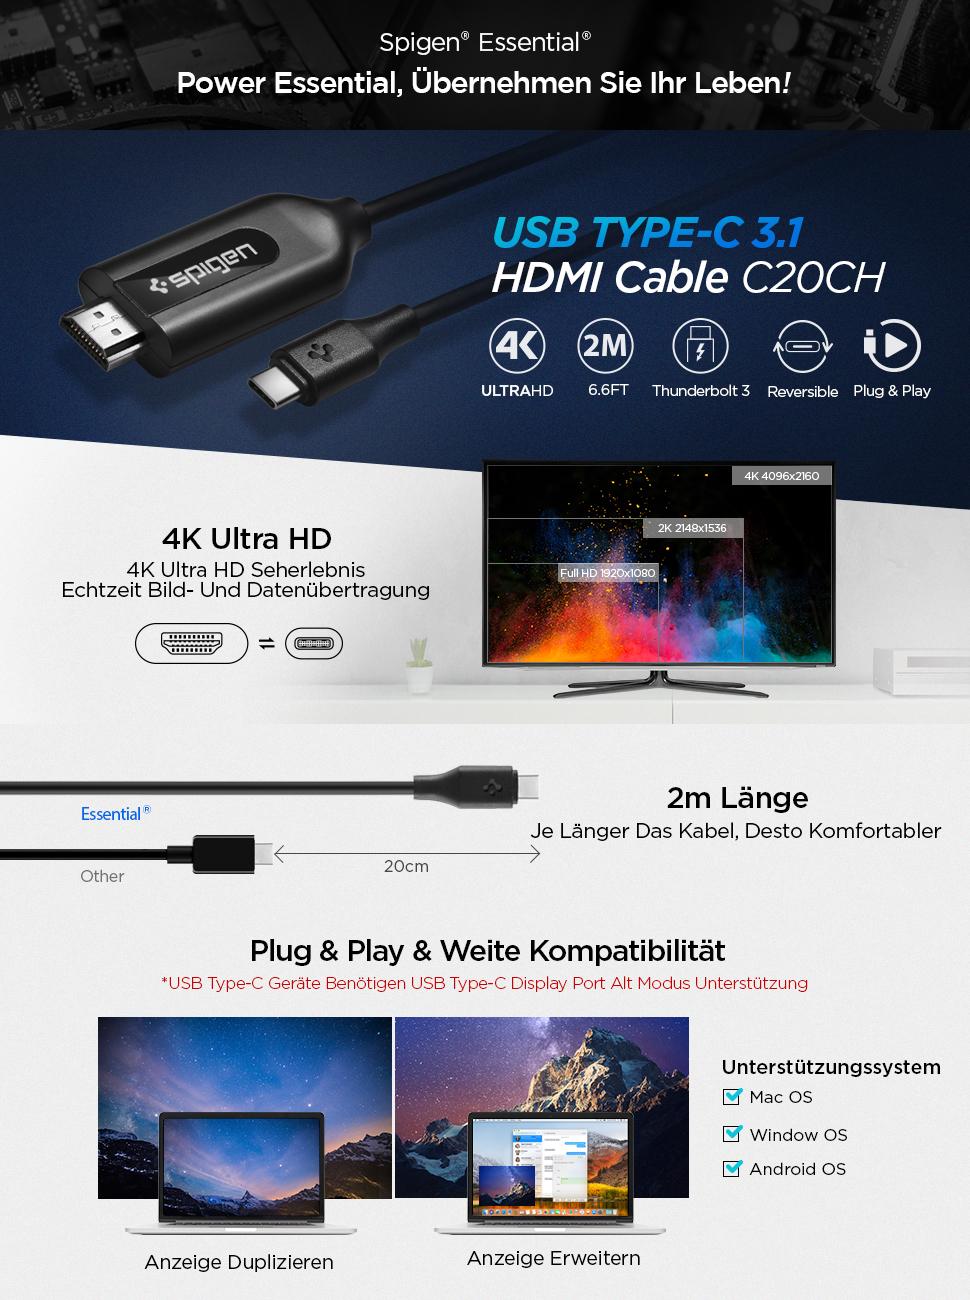 Spigen Essential C20CH USB Type C 3.1 to HDMI Kabel 2m: Amazon.de ...